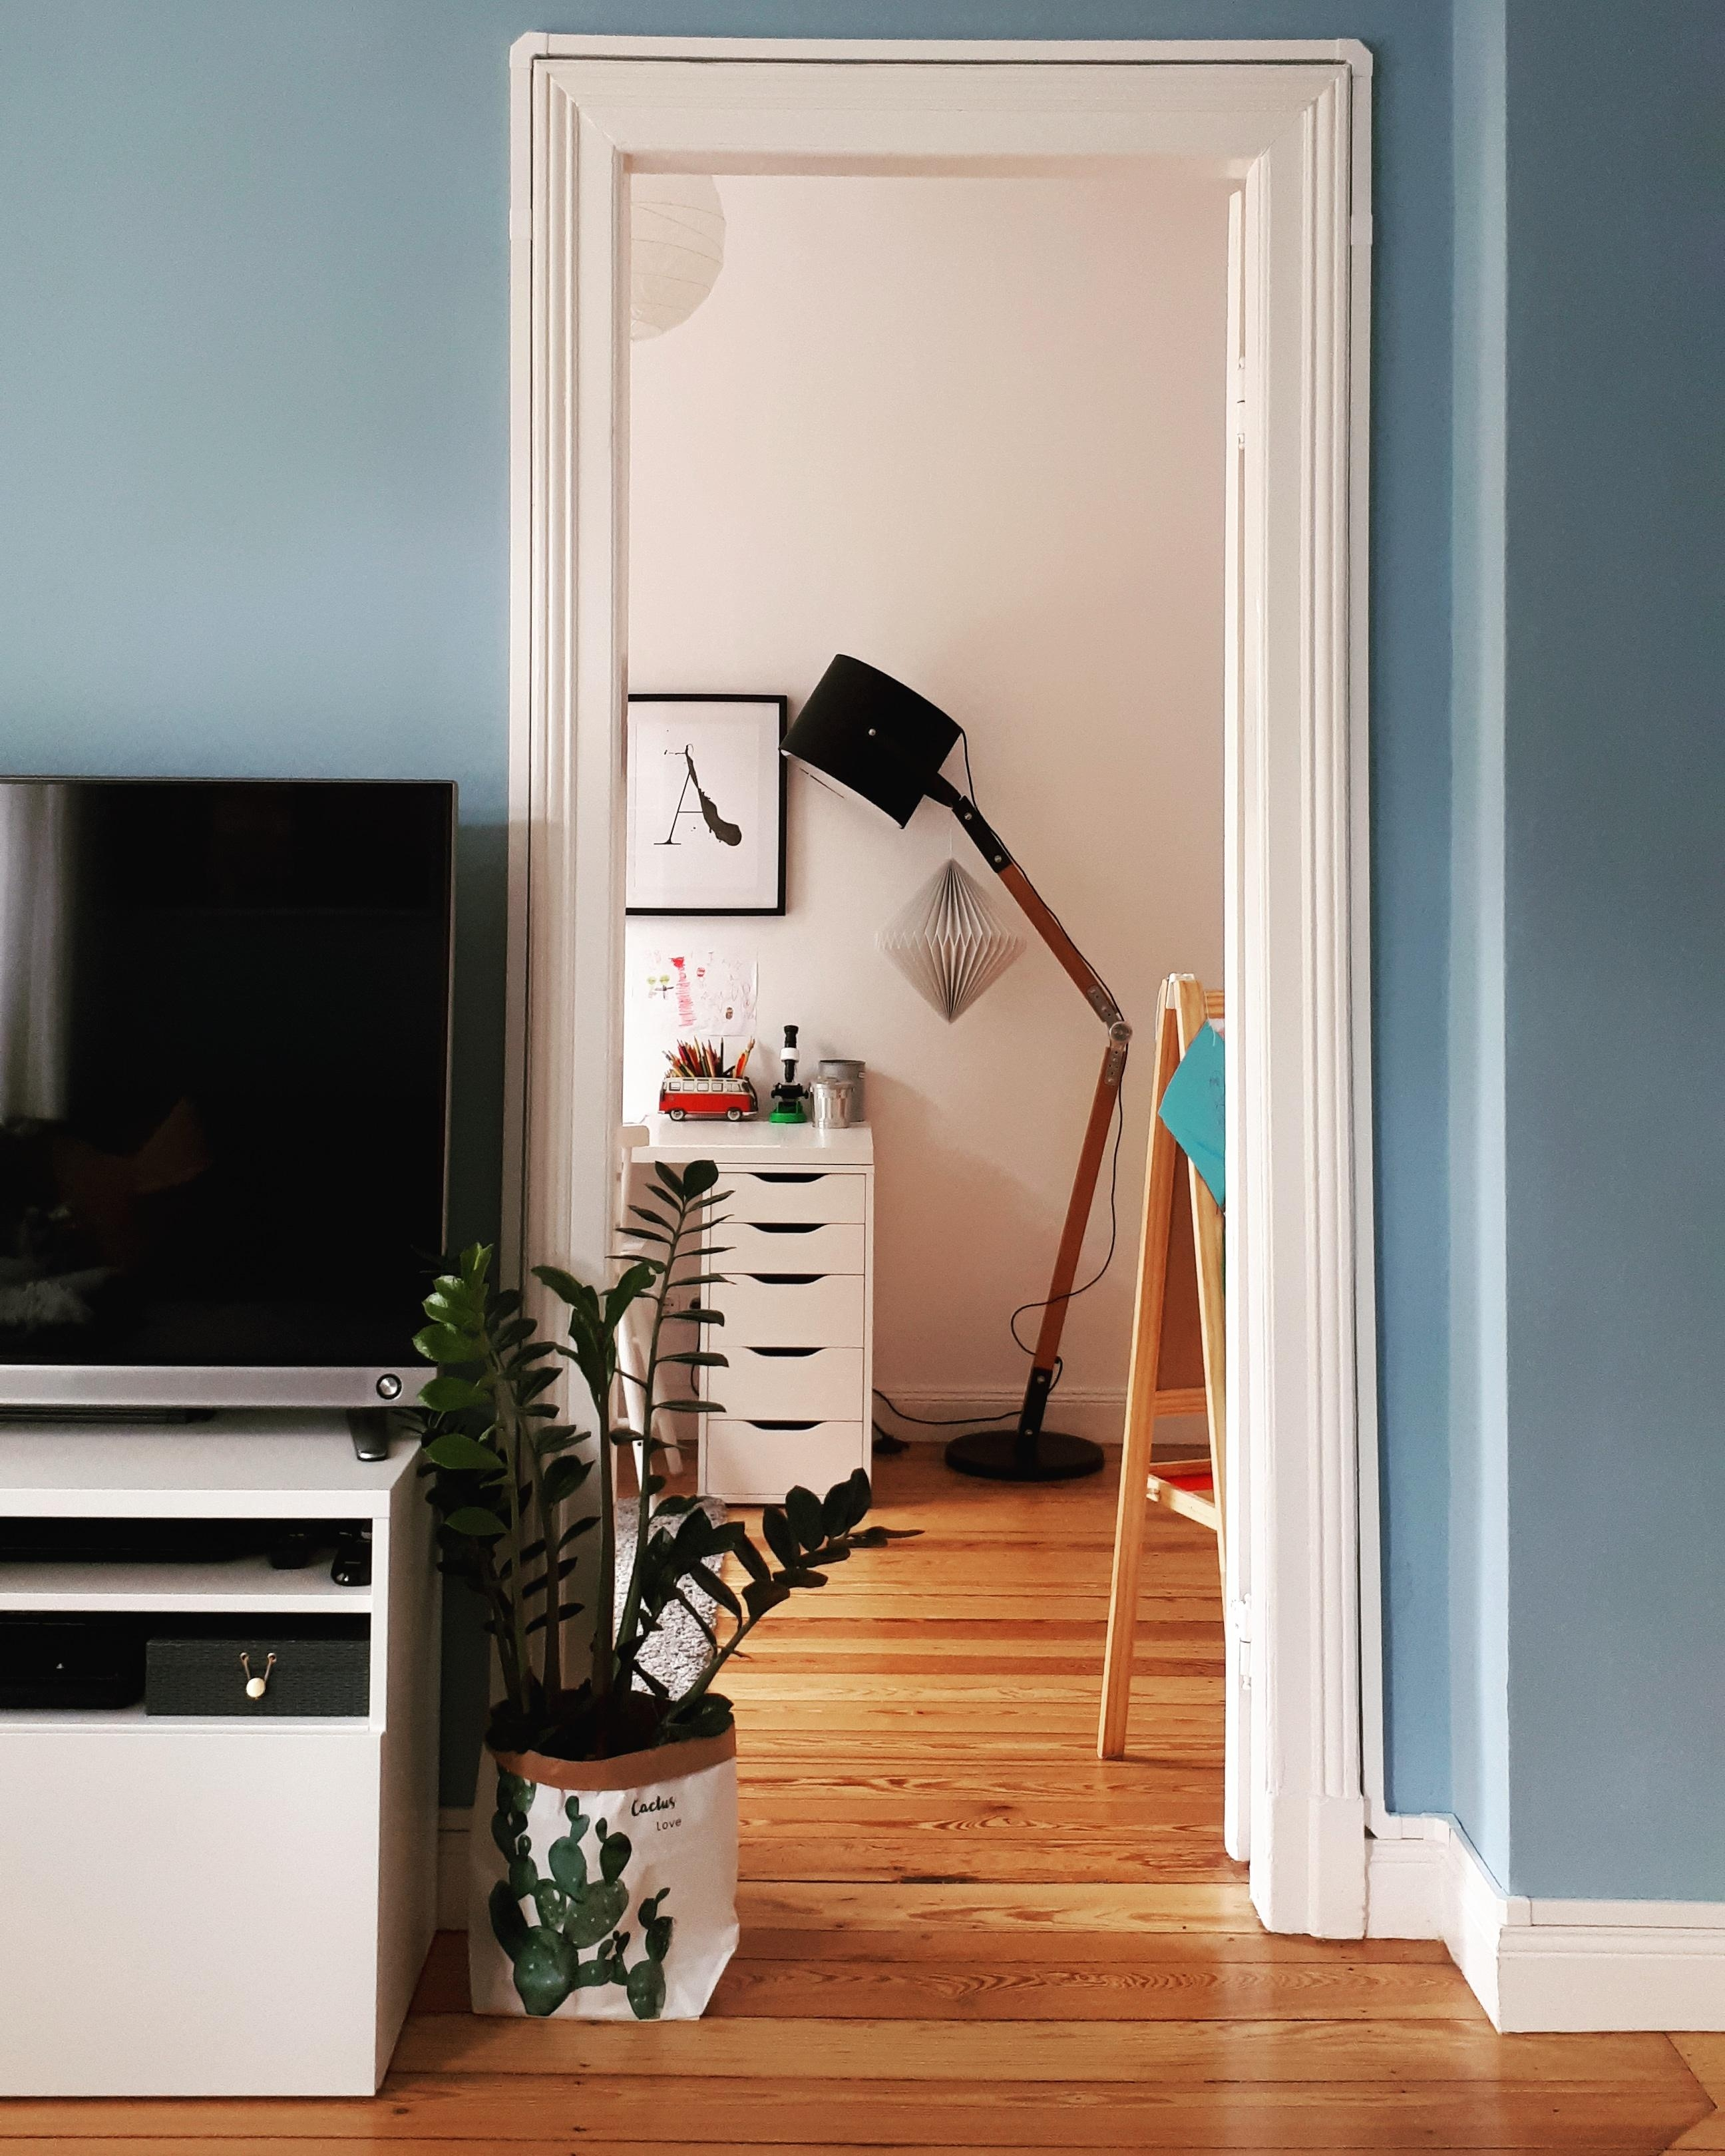 Wohnzimmer Durchblick Arbeitszimmer Scandinavian Altbau Altbauliebe  4985487d A140 4920 8410 89150af382f1